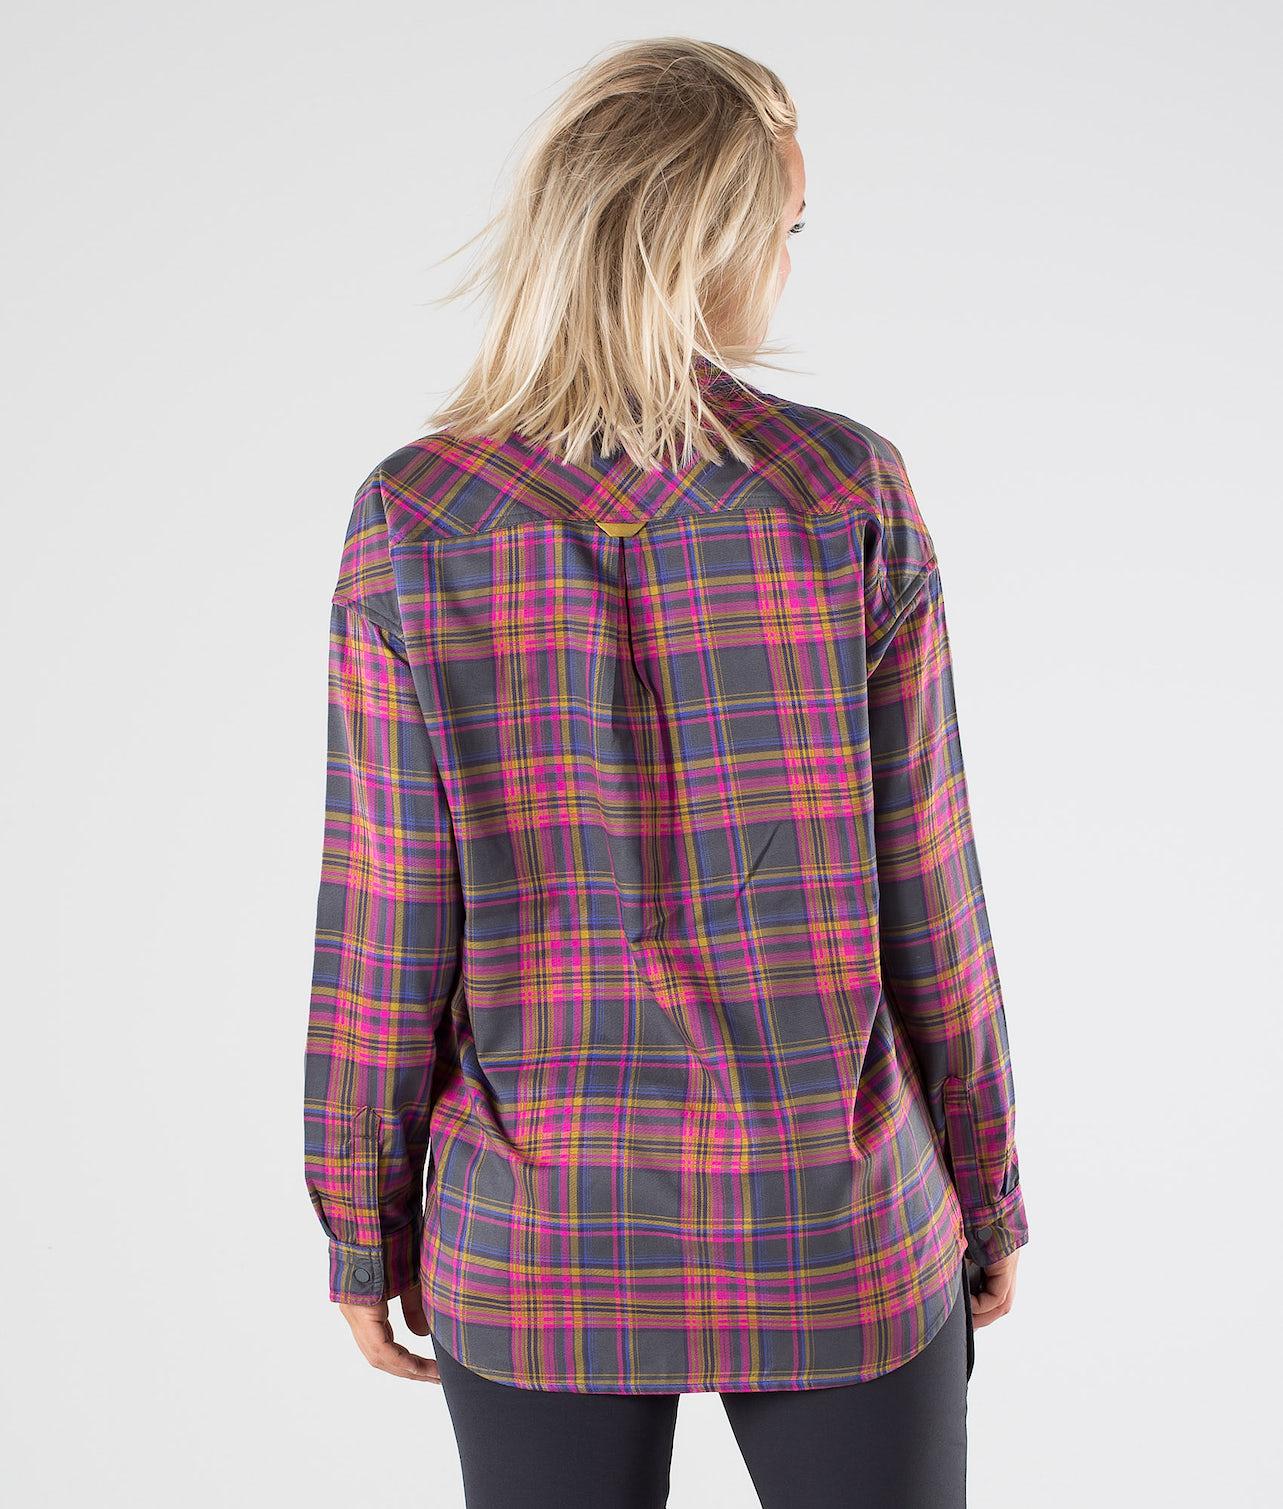 Kjøp Grace Ls Skjorte fra Burton på Ridestore.no - Hos oss har du alltid fri frakt, fri retur og 30 dagers åpent kjøp!